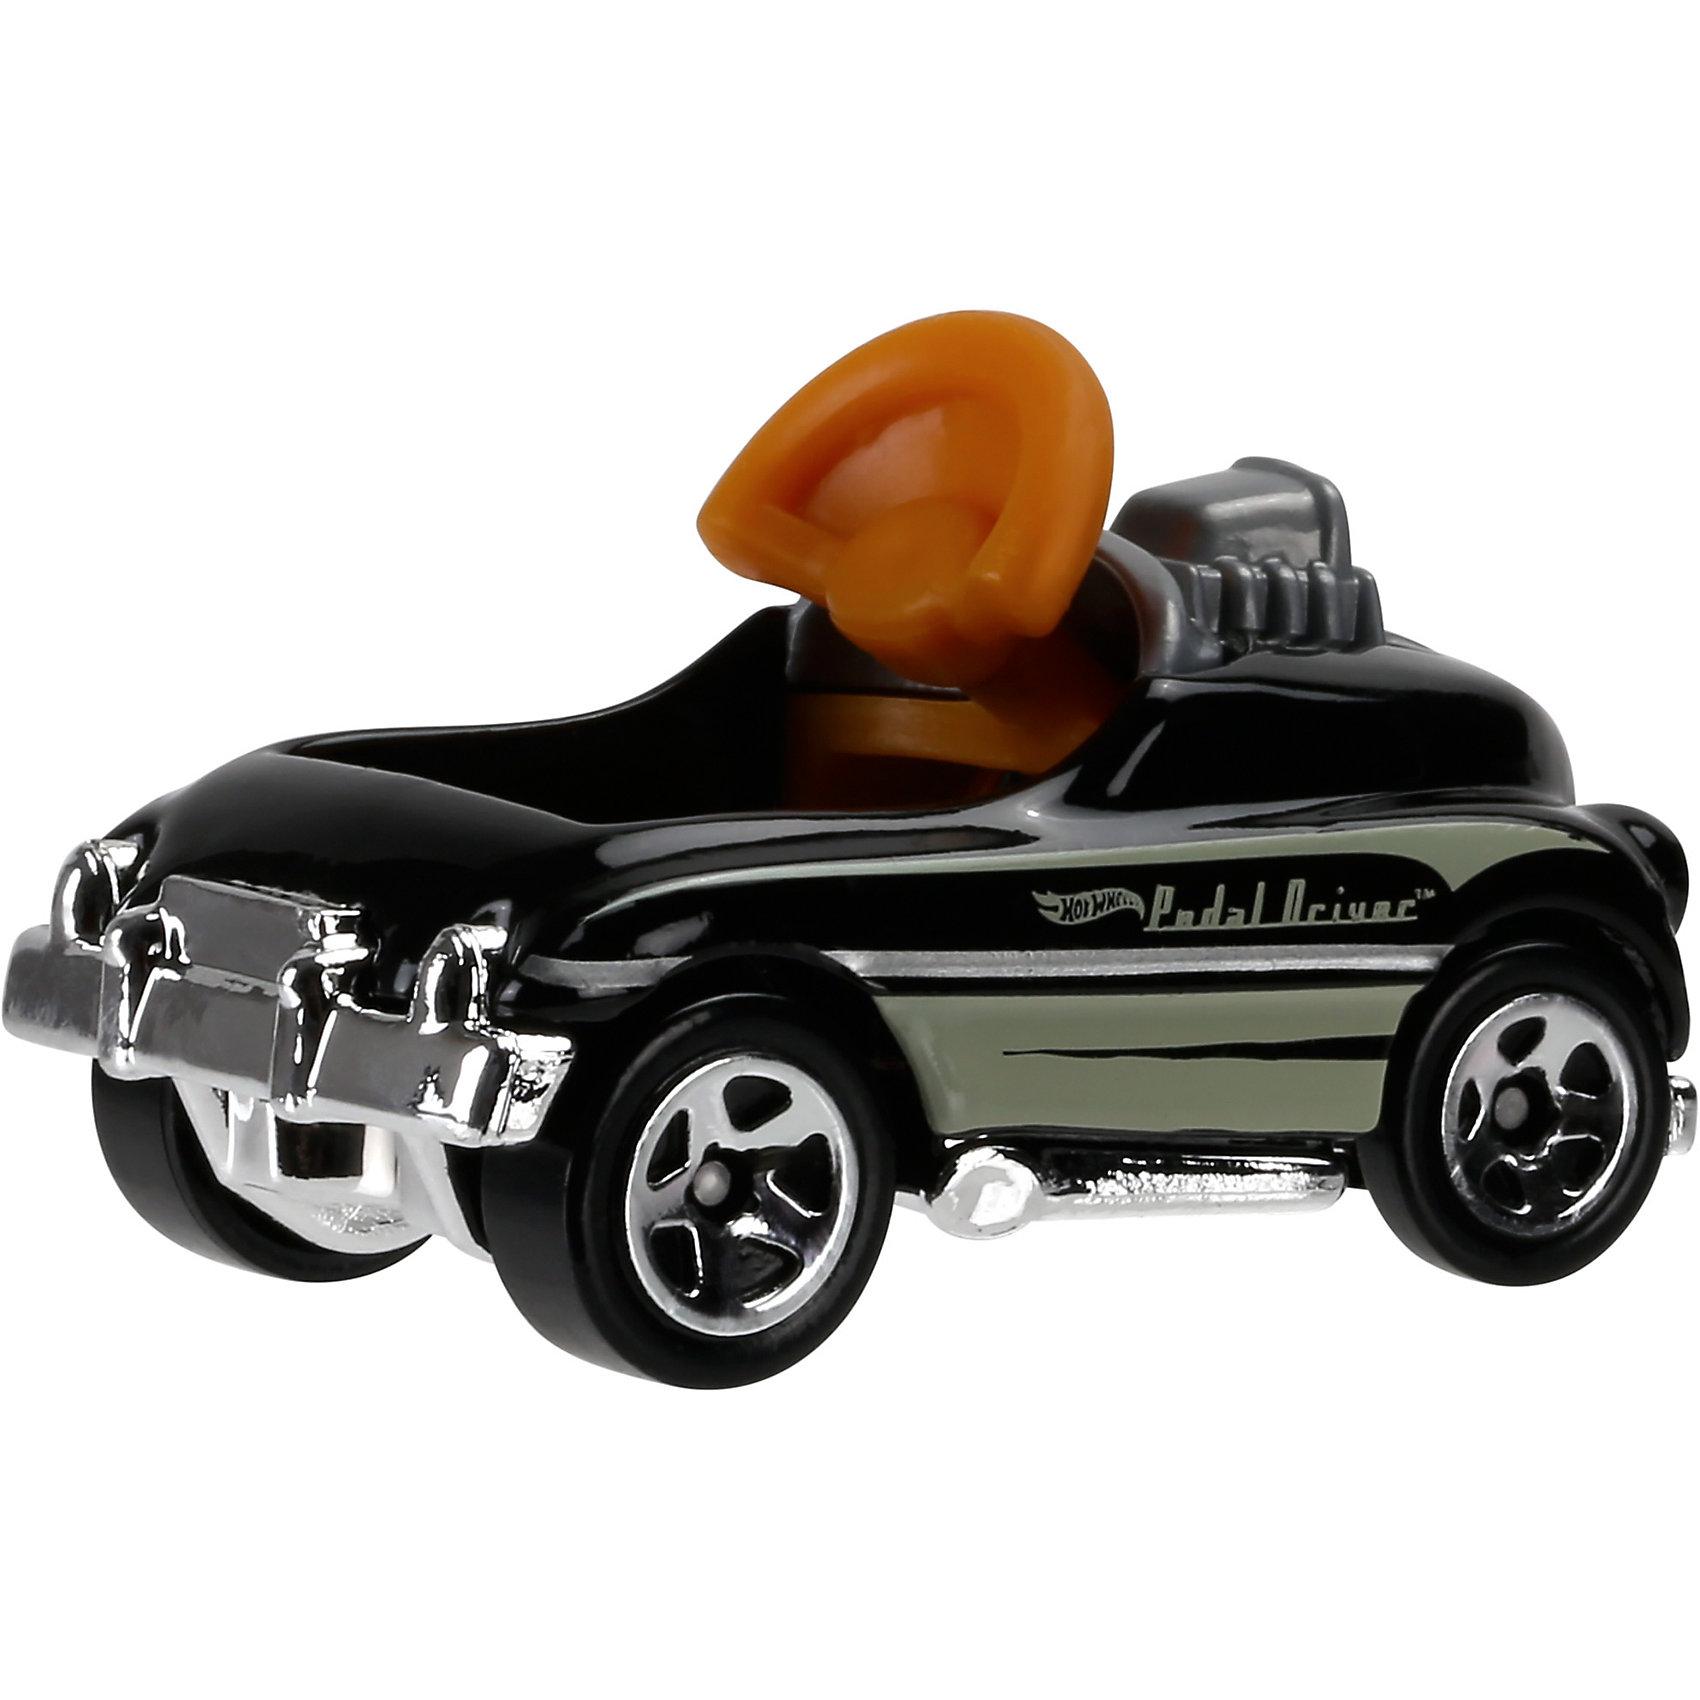 Машинка Hot Wheels из базовой коллекцииМашинка Hot Wheels из базовой коллекции – высококачественная масштабная модель машины, имеющая неординарный, радикальный дизайн. <br><br>В упаковке 1 машинка,  машинки тематически обусловлены от фантазийных, спасательных до экстремальных и просто скоростных машин. <br><br>Соберите свою коллекцию машинок Hot Wheels!<br><br>Дополнительная информация: <br><br>Машинка стандартного размера Hot Wheels<br>Размер упаковки: 11 х 10,5 х 3,5 см<br><br>Ширина мм: 110<br>Глубина мм: 45<br>Высота мм: 110<br>Вес г: 30<br>Возраст от месяцев: 36<br>Возраст до месяцев: 96<br>Пол: Мужской<br>Возраст: Детский<br>SKU: 4901816